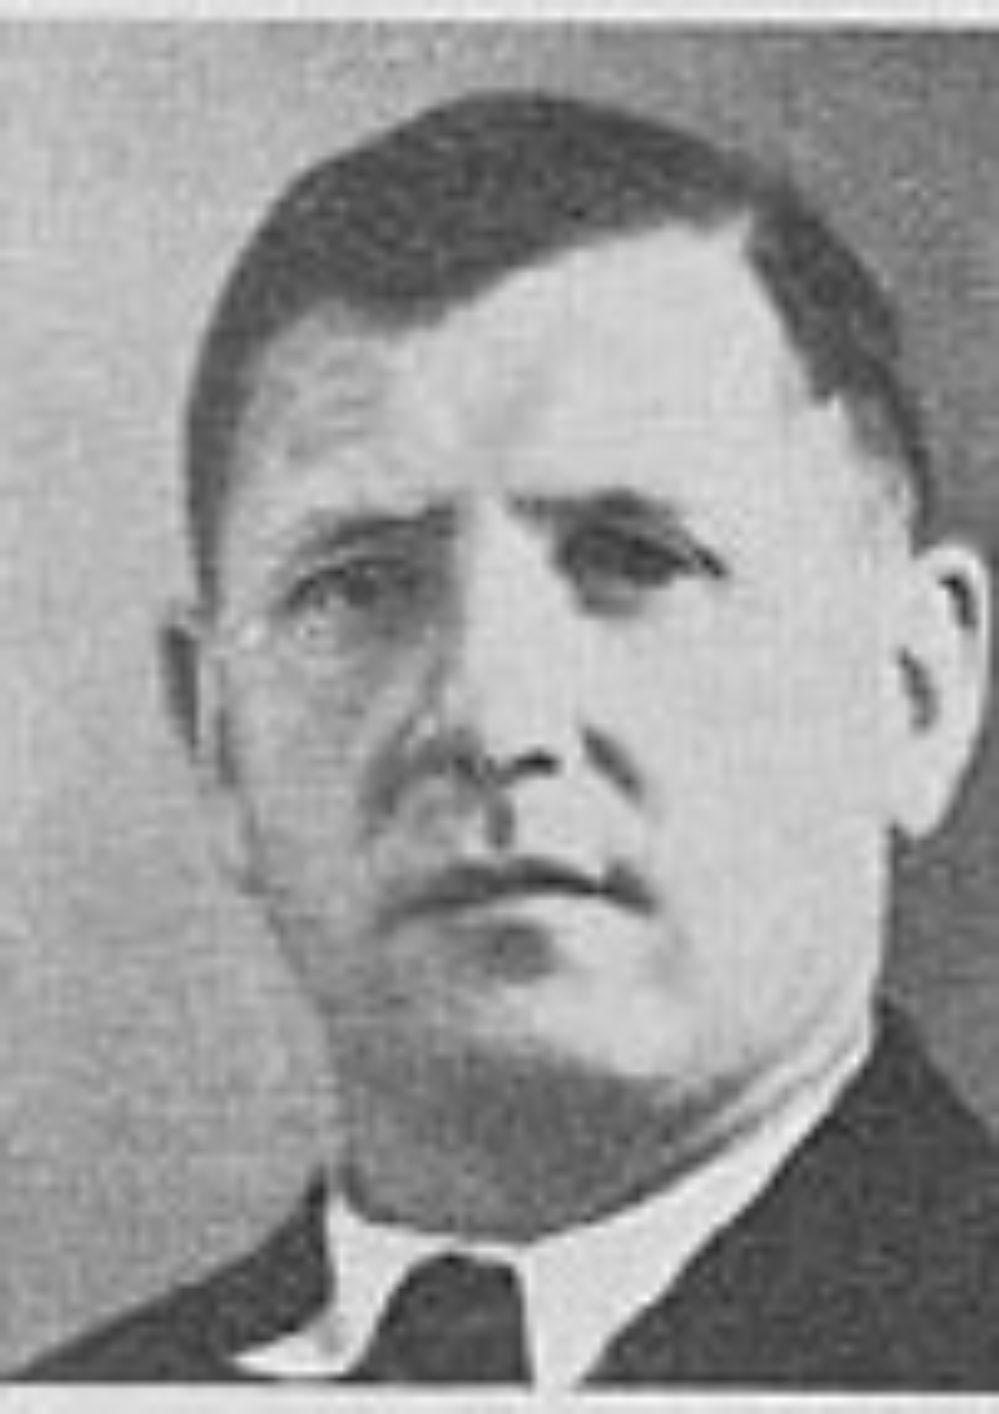 Aleksander Martinsen